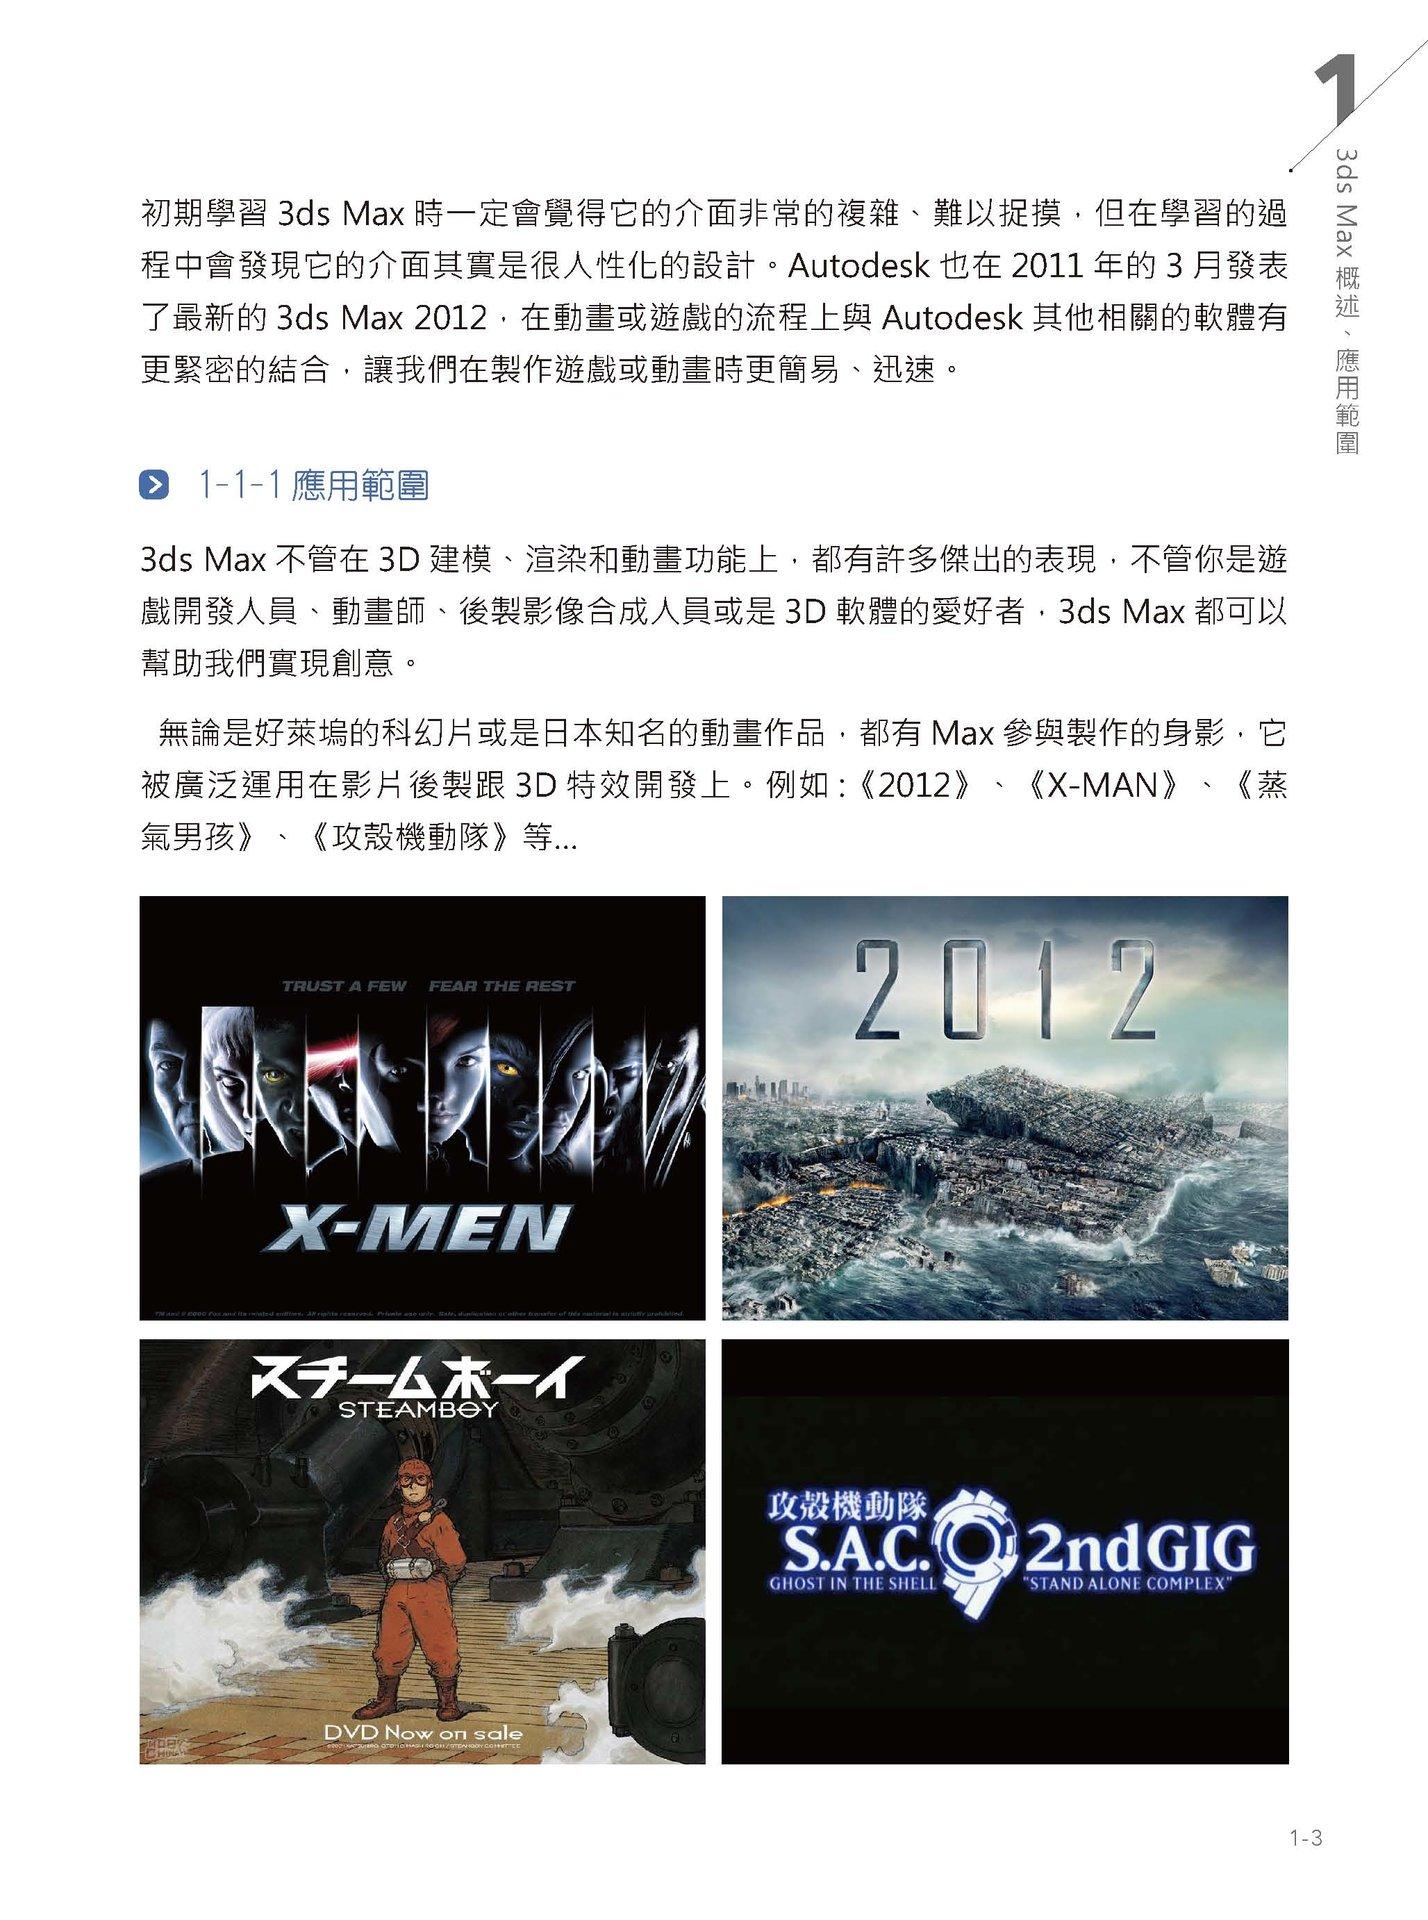 渲染 3ds Max 動畫視覺特效-preview-8